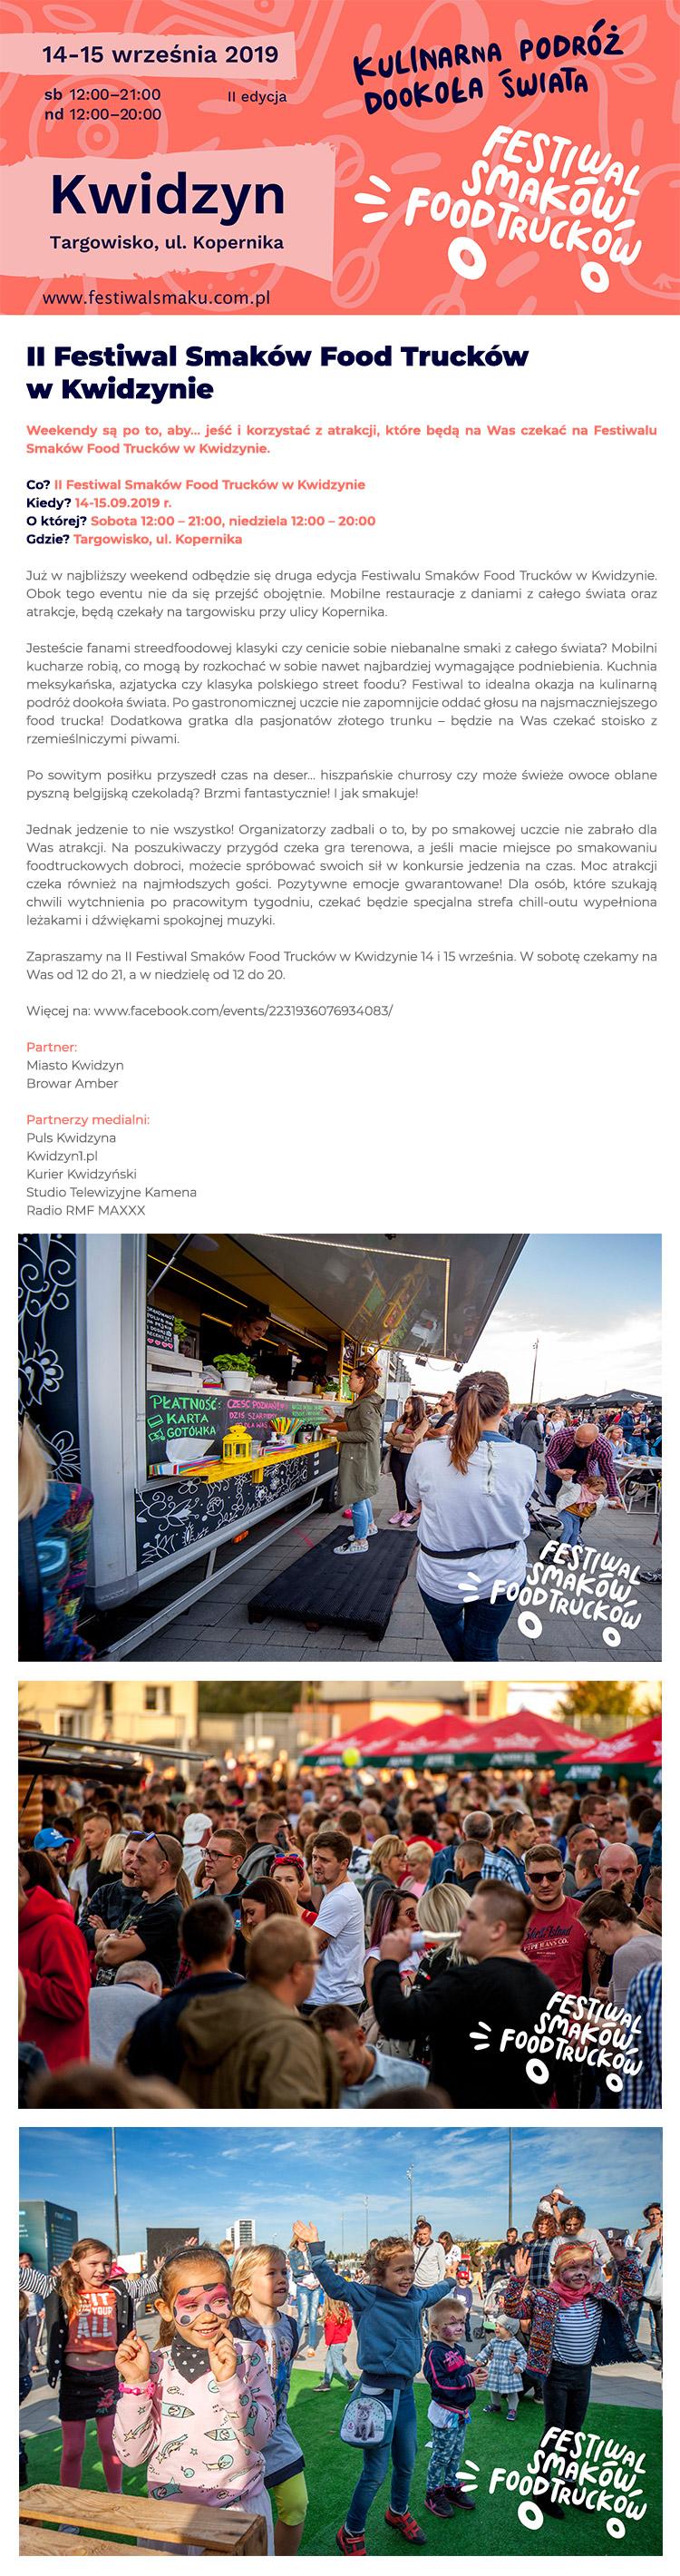 II Festiwal Smaków Food Trucków w Kwidzynie 14-15.09